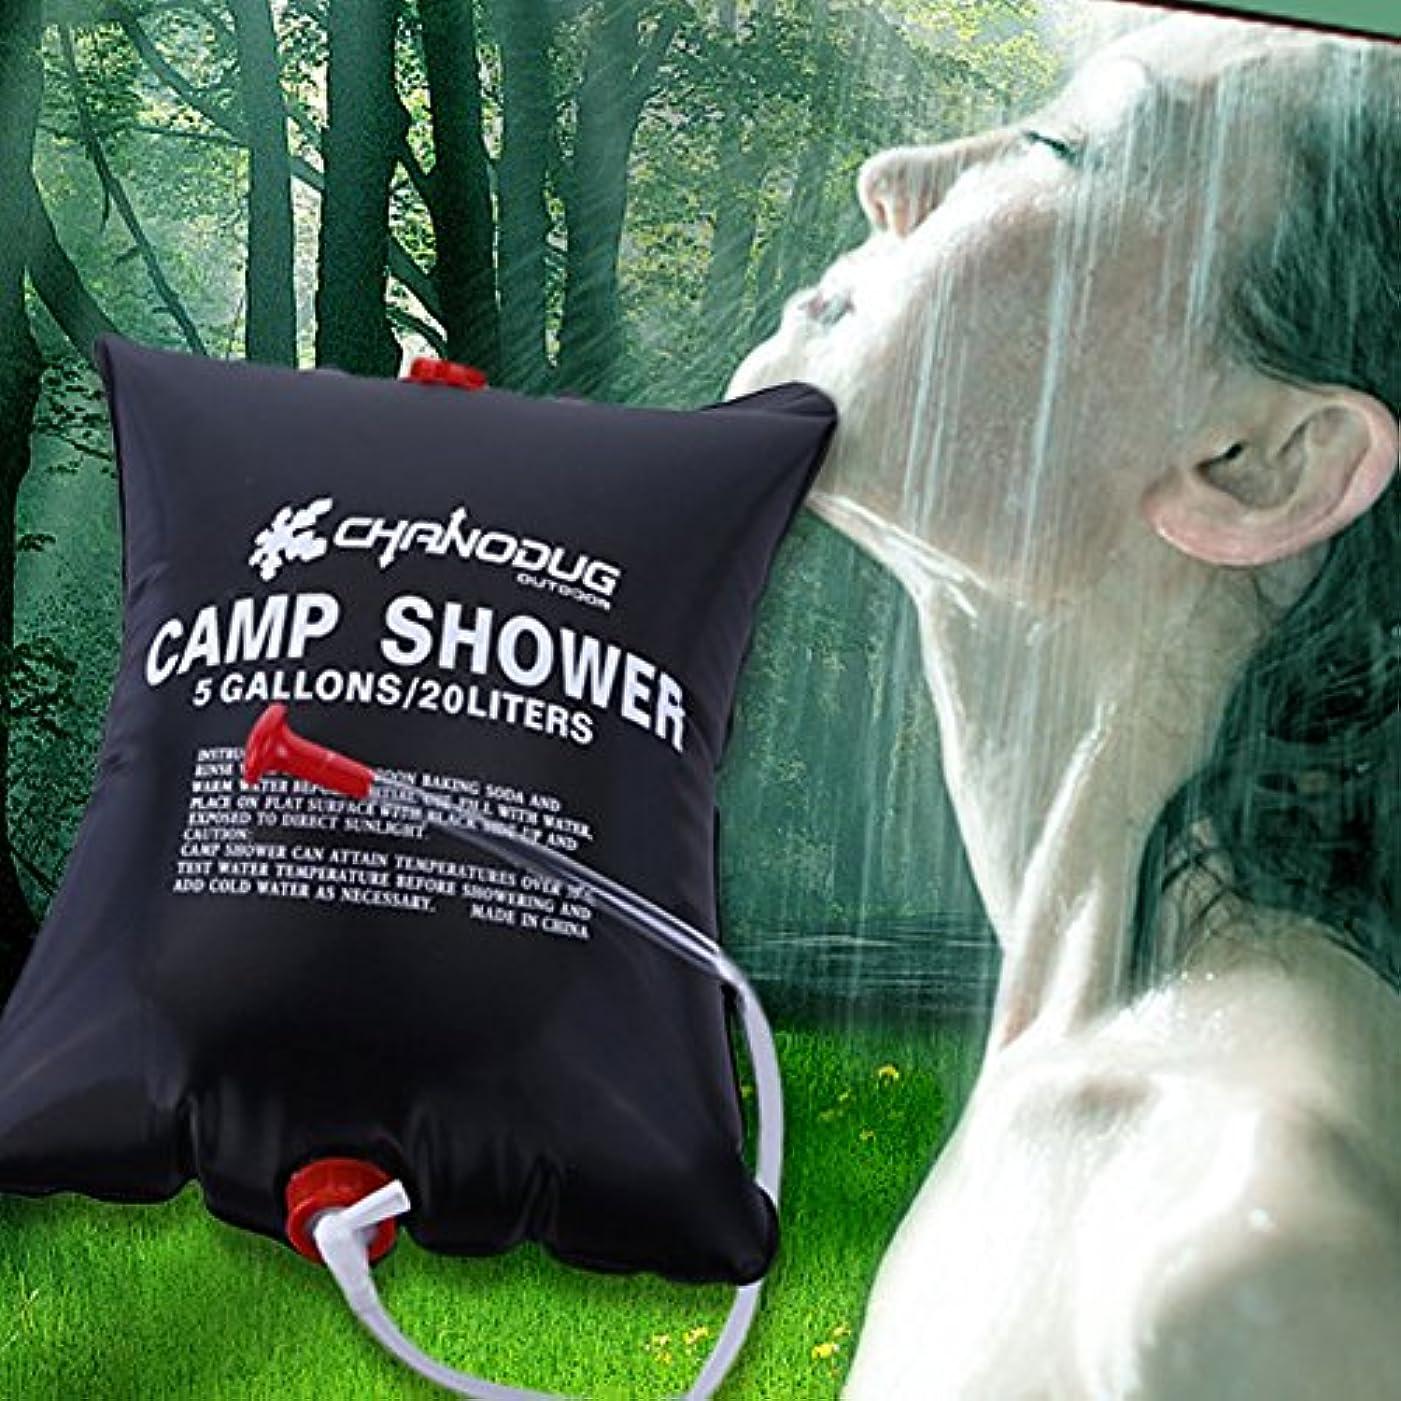 活気づく税金仮定Beautyrain 携帯用キャンプ旅行太陽エネルギーのシャワーのバスバッグ20Lの便利で黒いポリ塩化ビニール